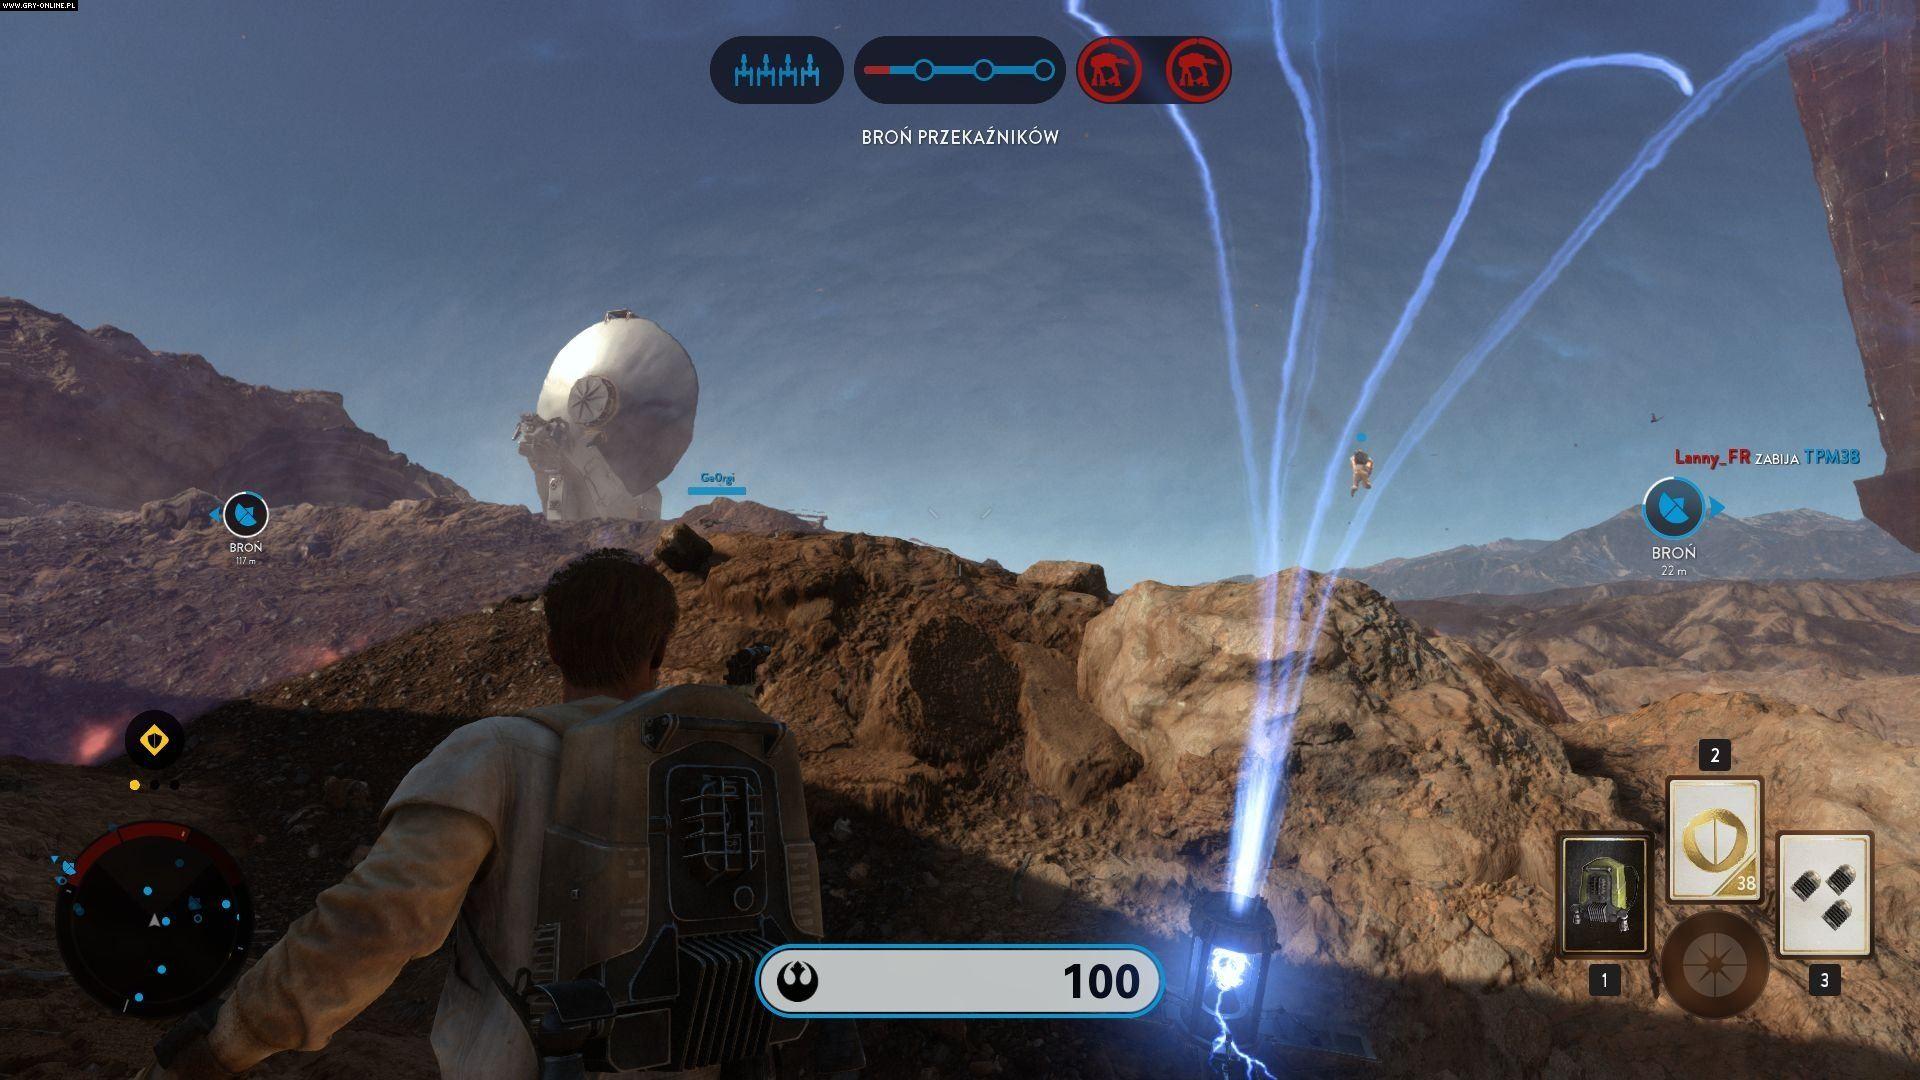 Star Wars Battlefront image #5